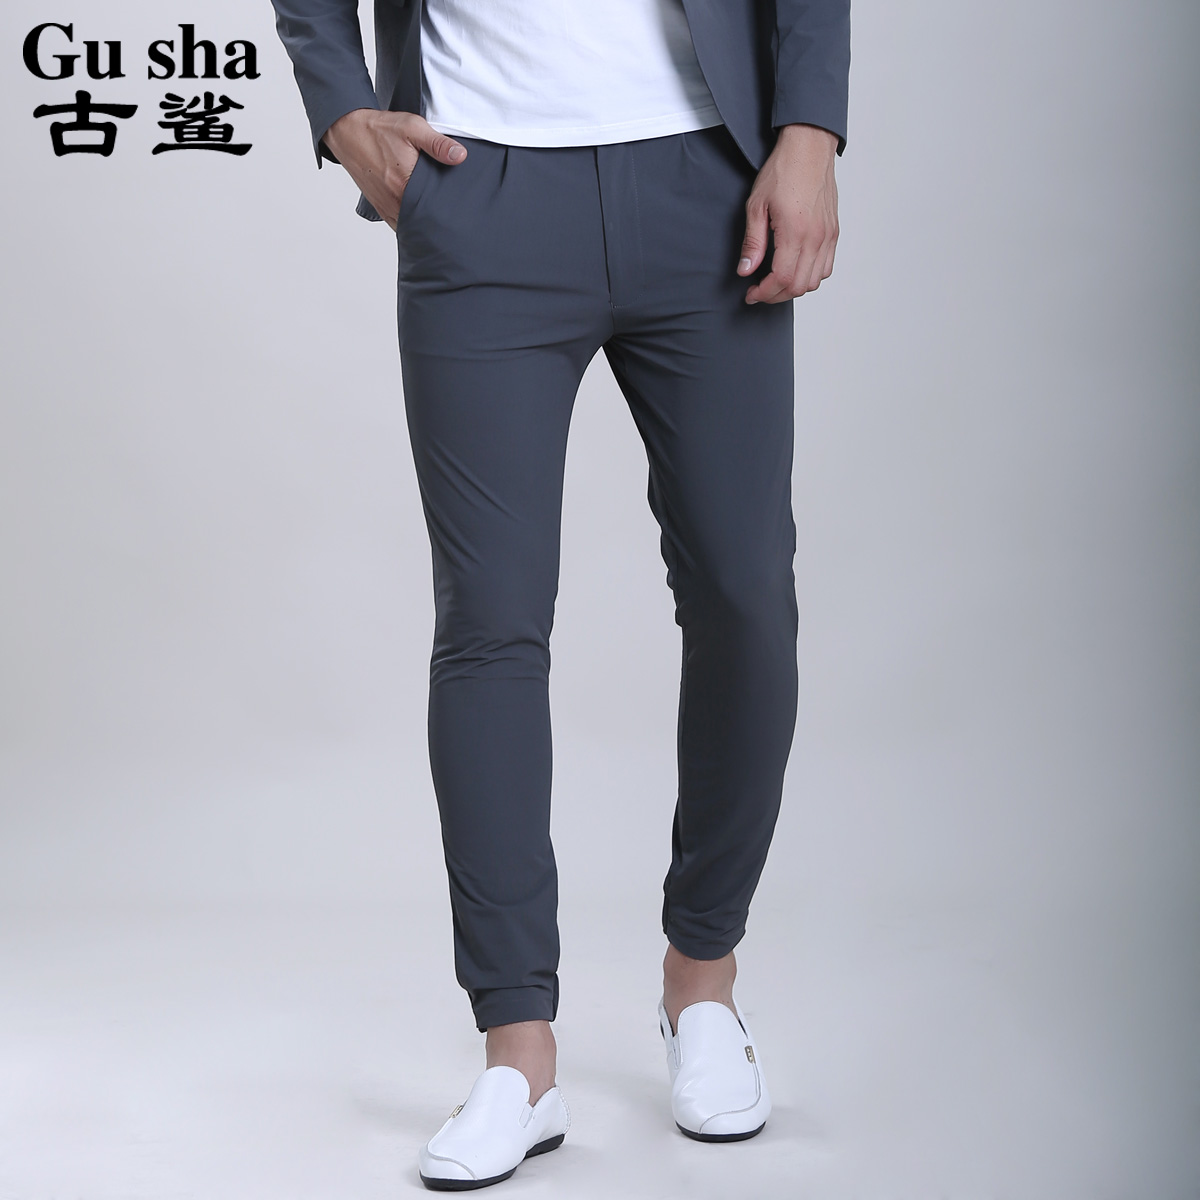 古鲨2016秋季新品男士休闲西裤商务时尚男装裤子